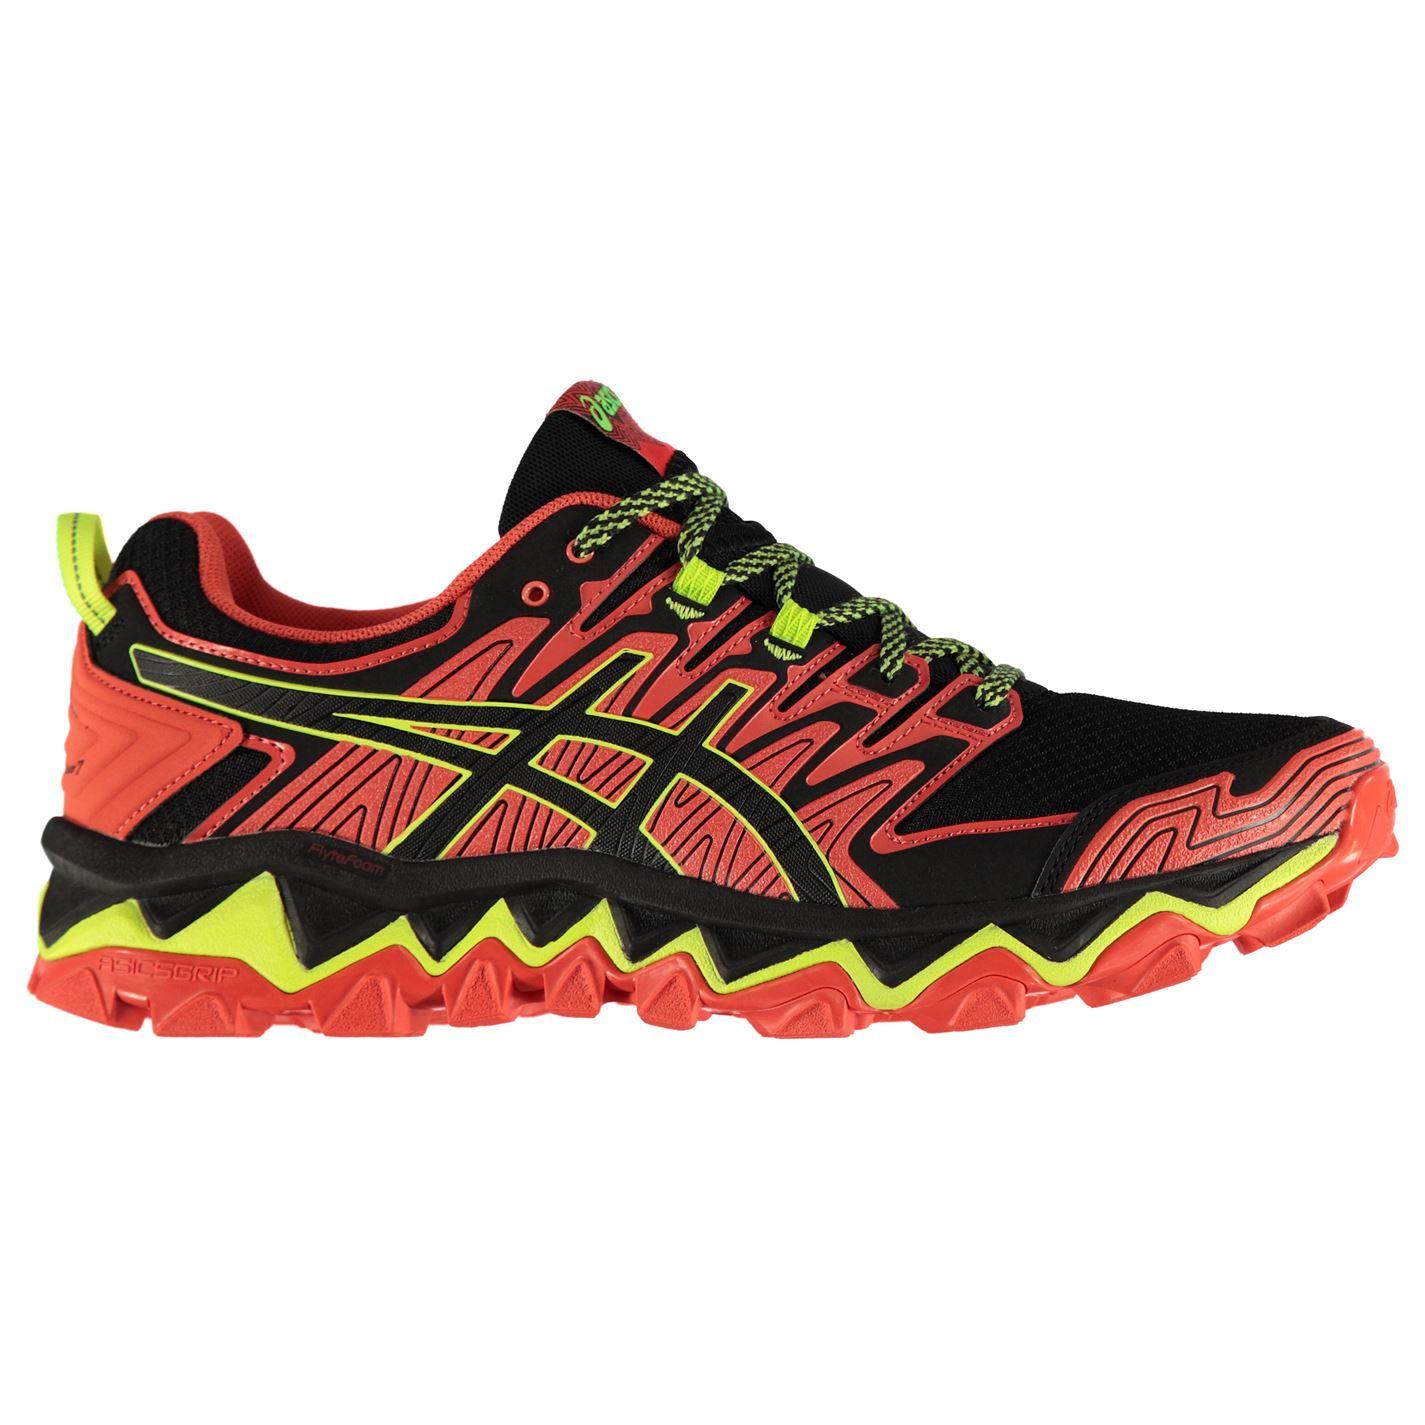 Asics GEL FujiTrabuco 7 Mens Running Shoes